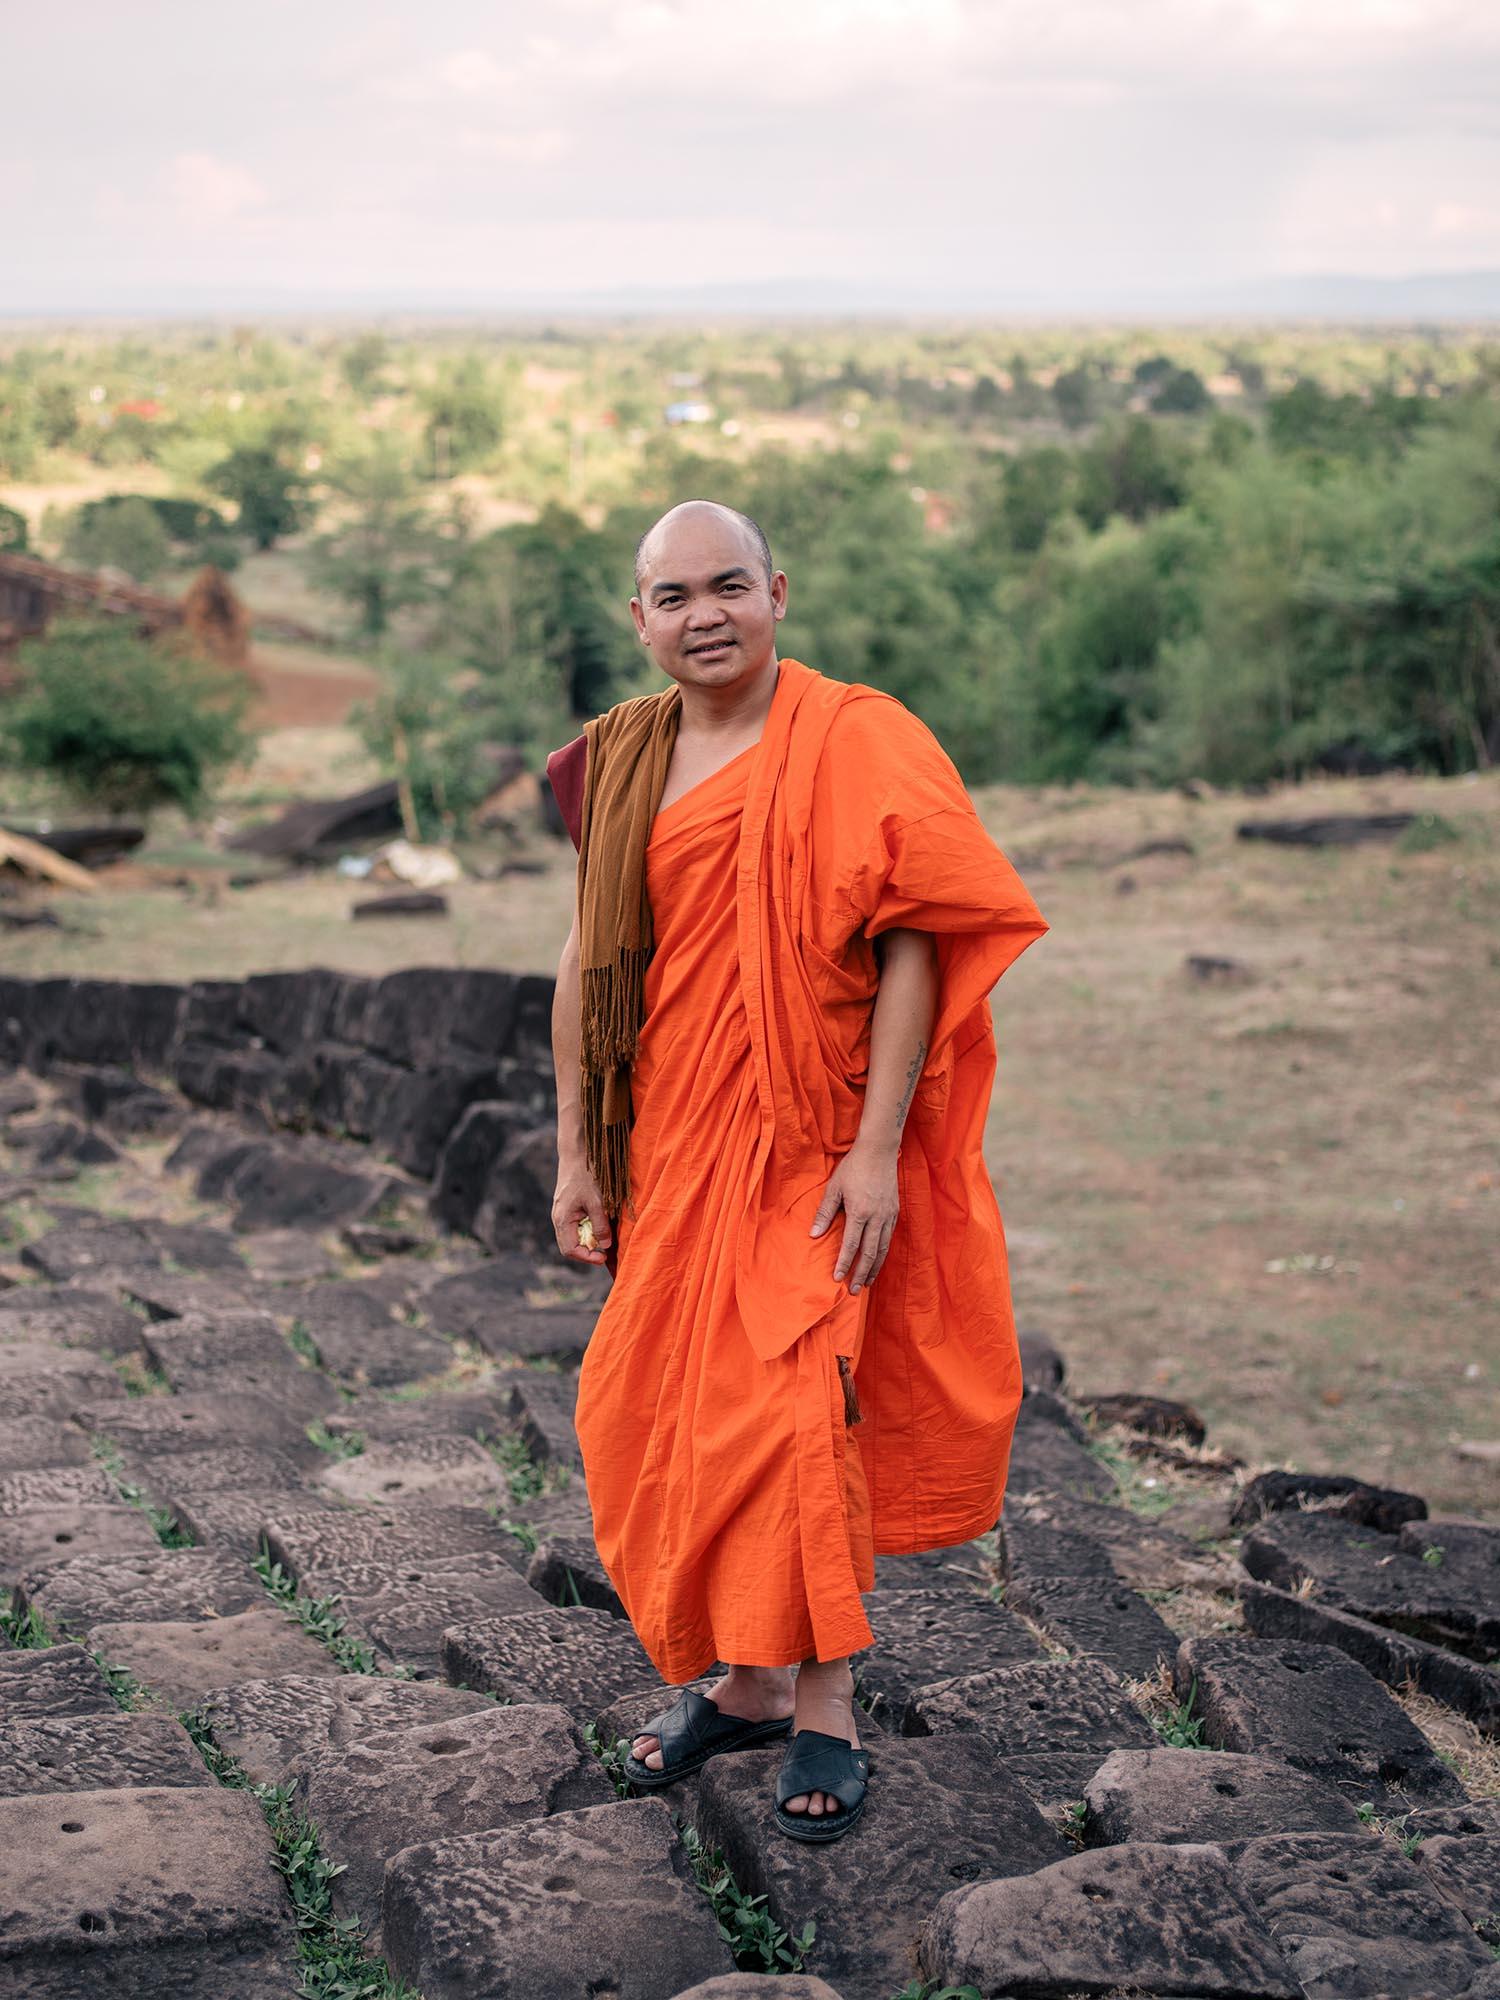 vat-phou-pakse-laos-monk-portrait.jpg